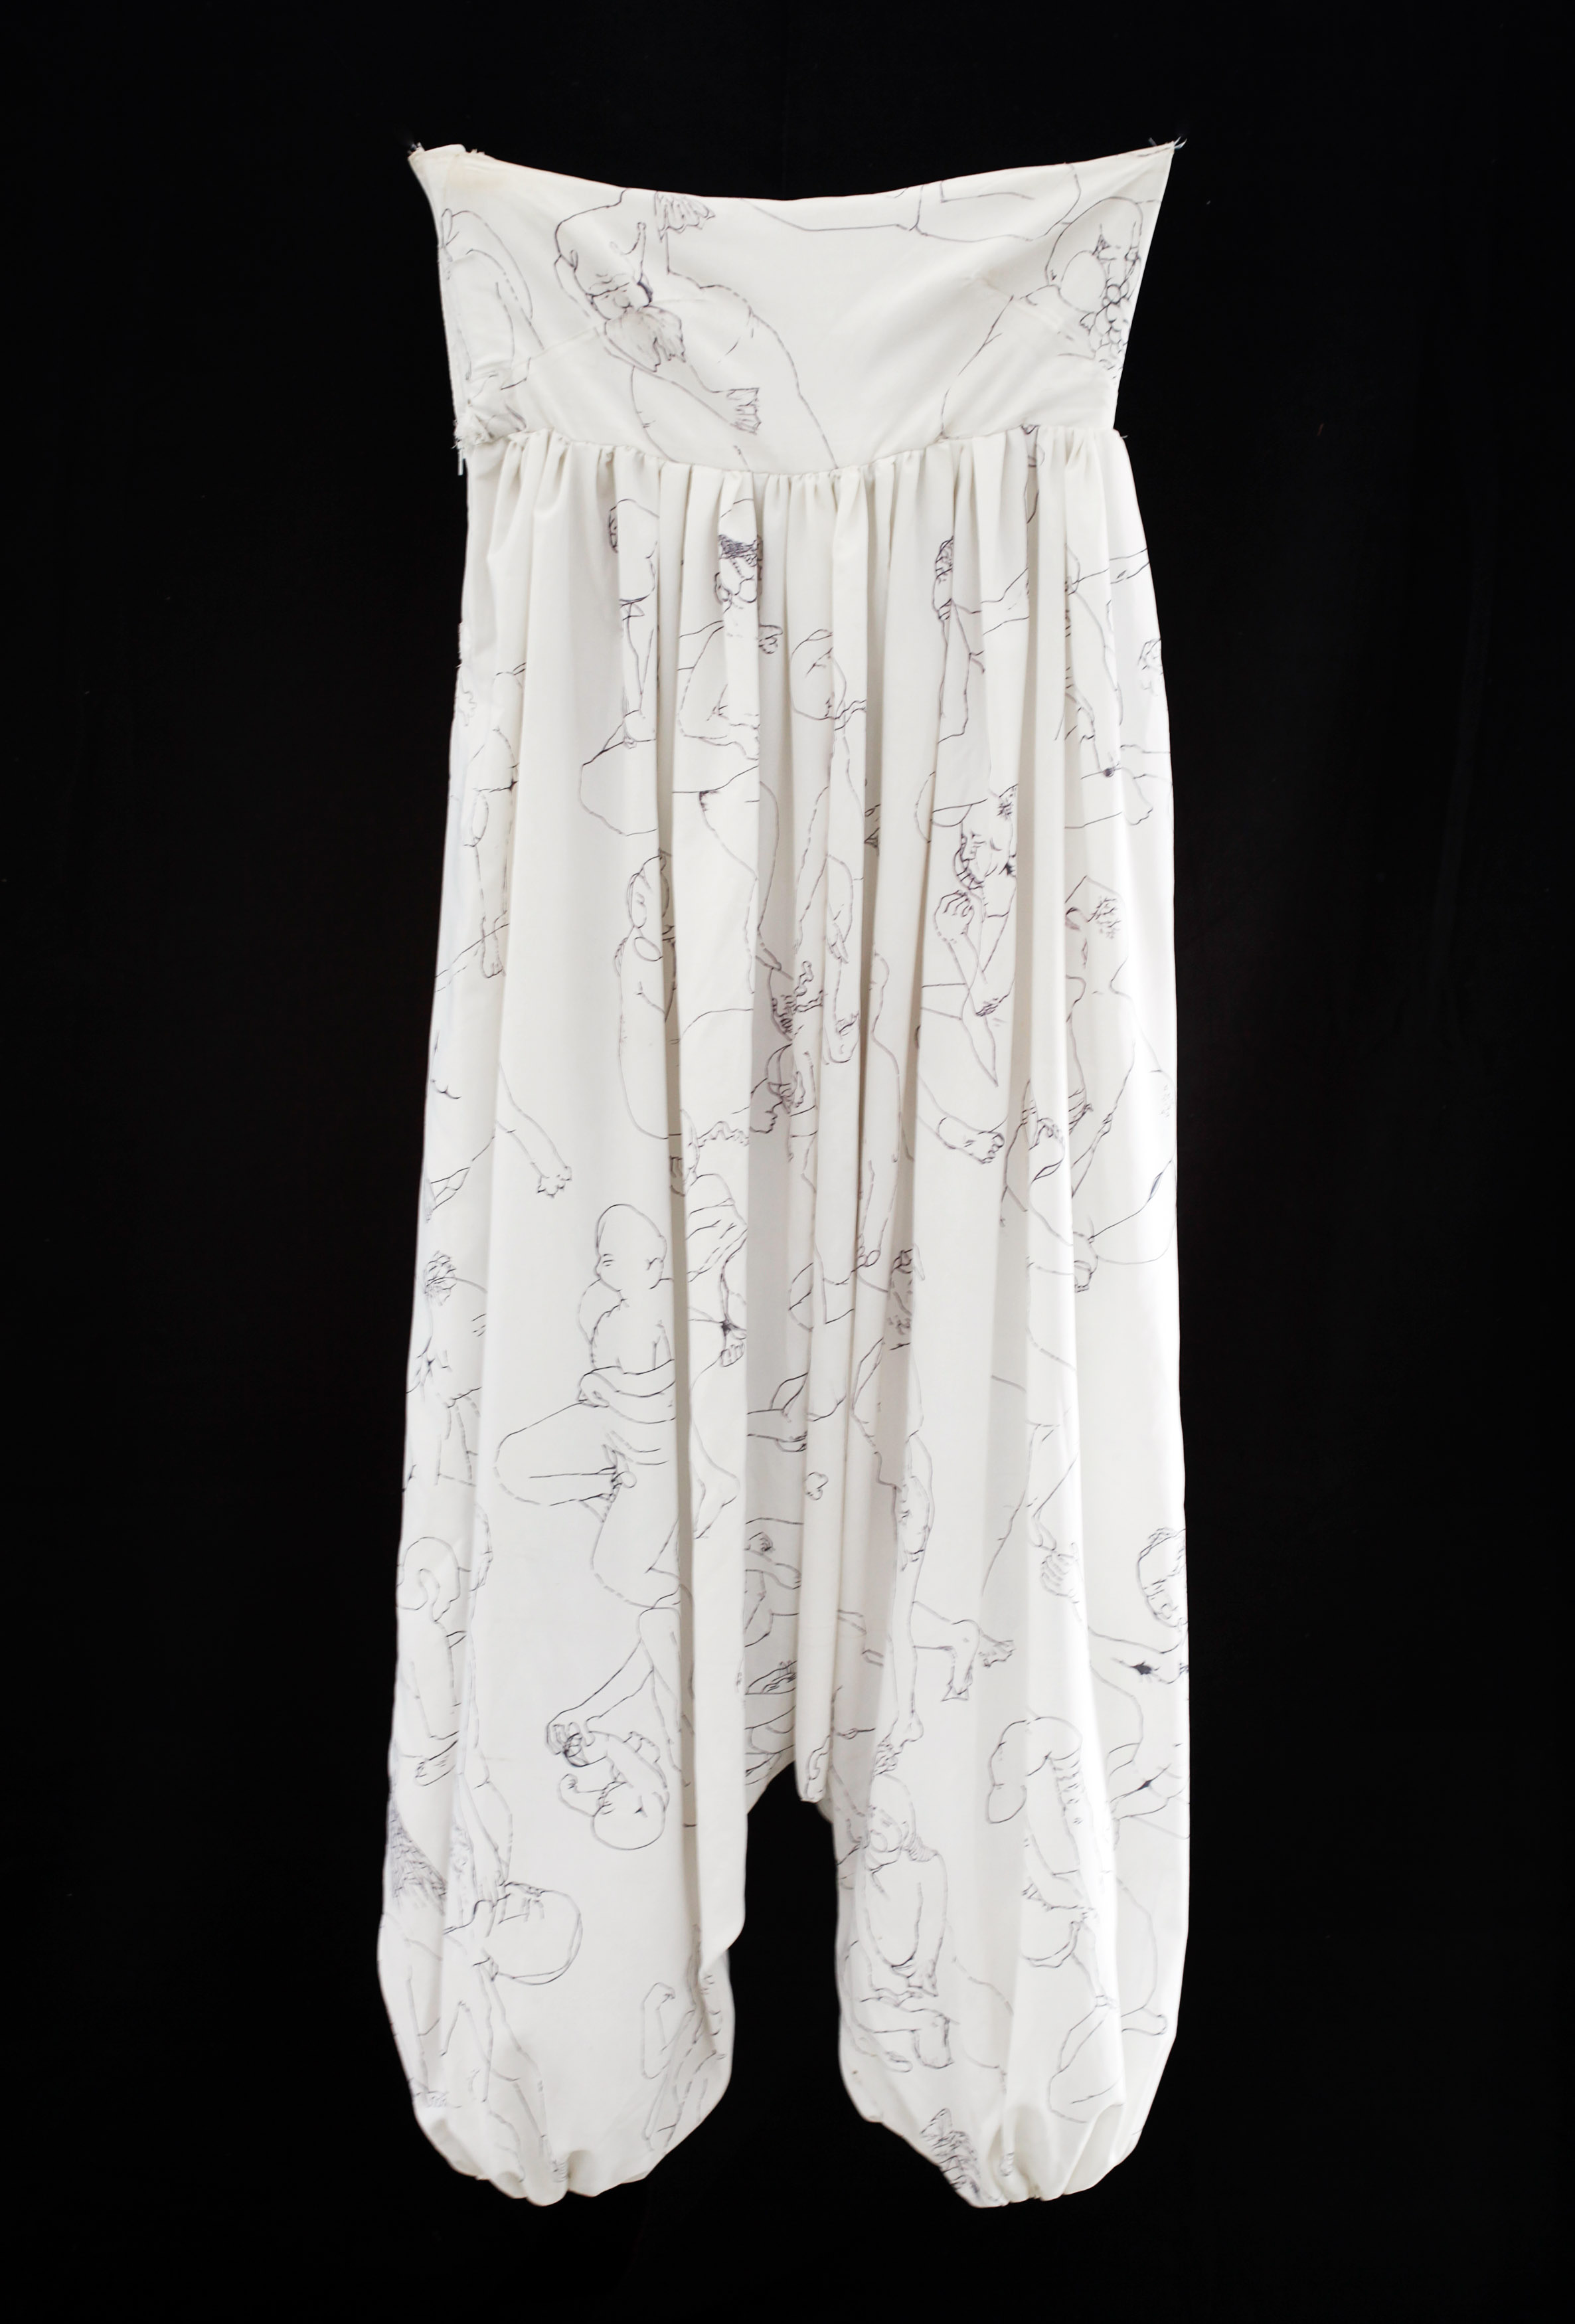 Mariechen Danz - Costume 1 (boderless), 2004